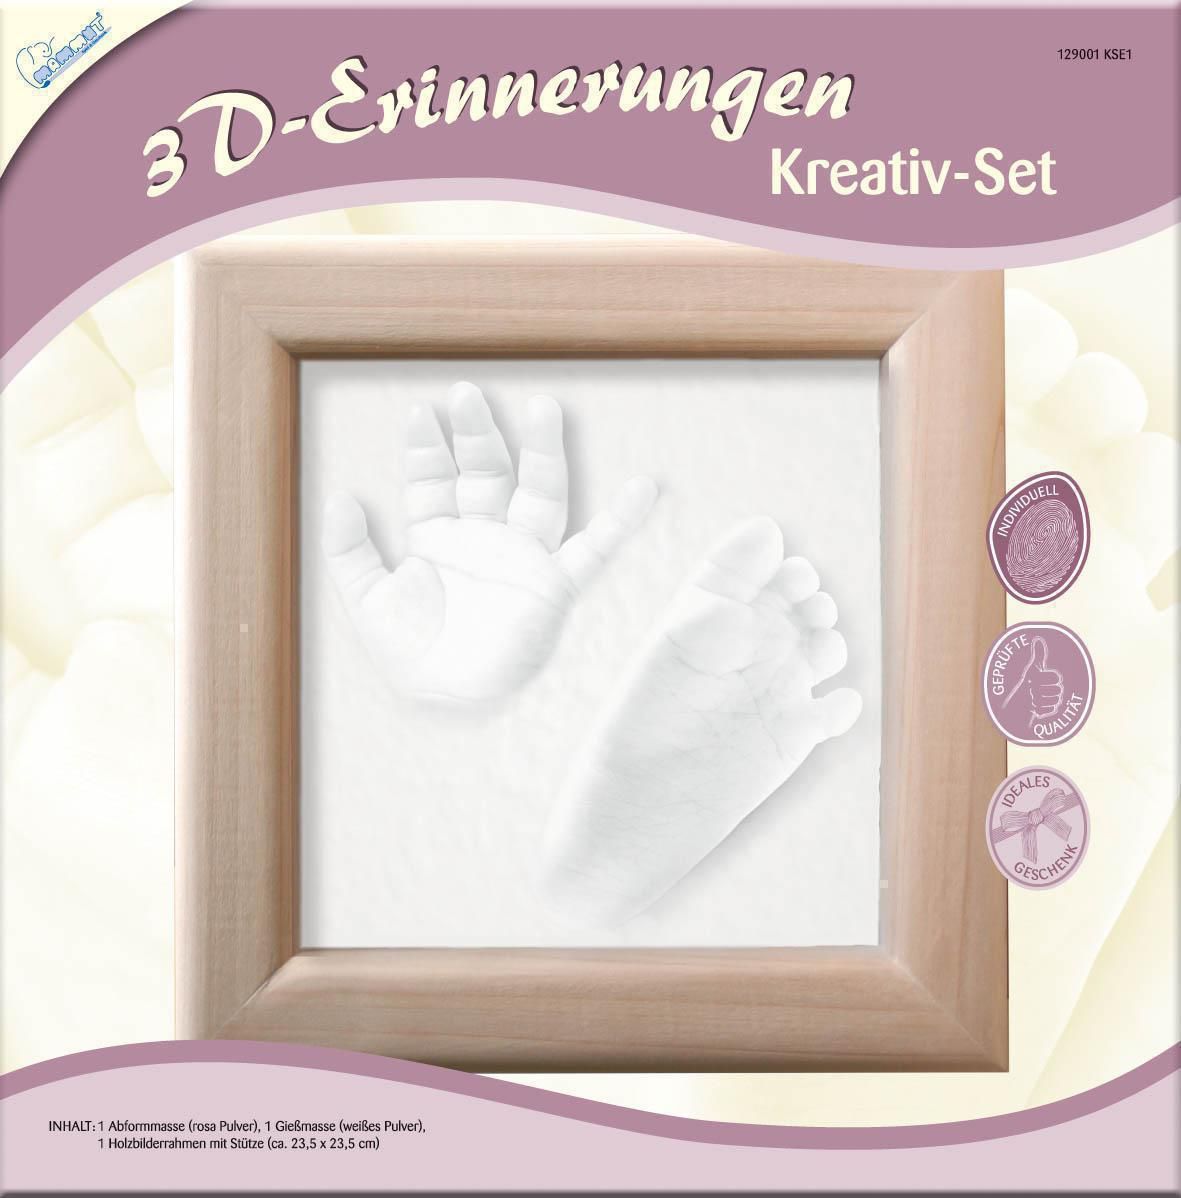 Kreativ Set 3D Erinnerungen KSE1 von Ihr Baby | Geschenke ...